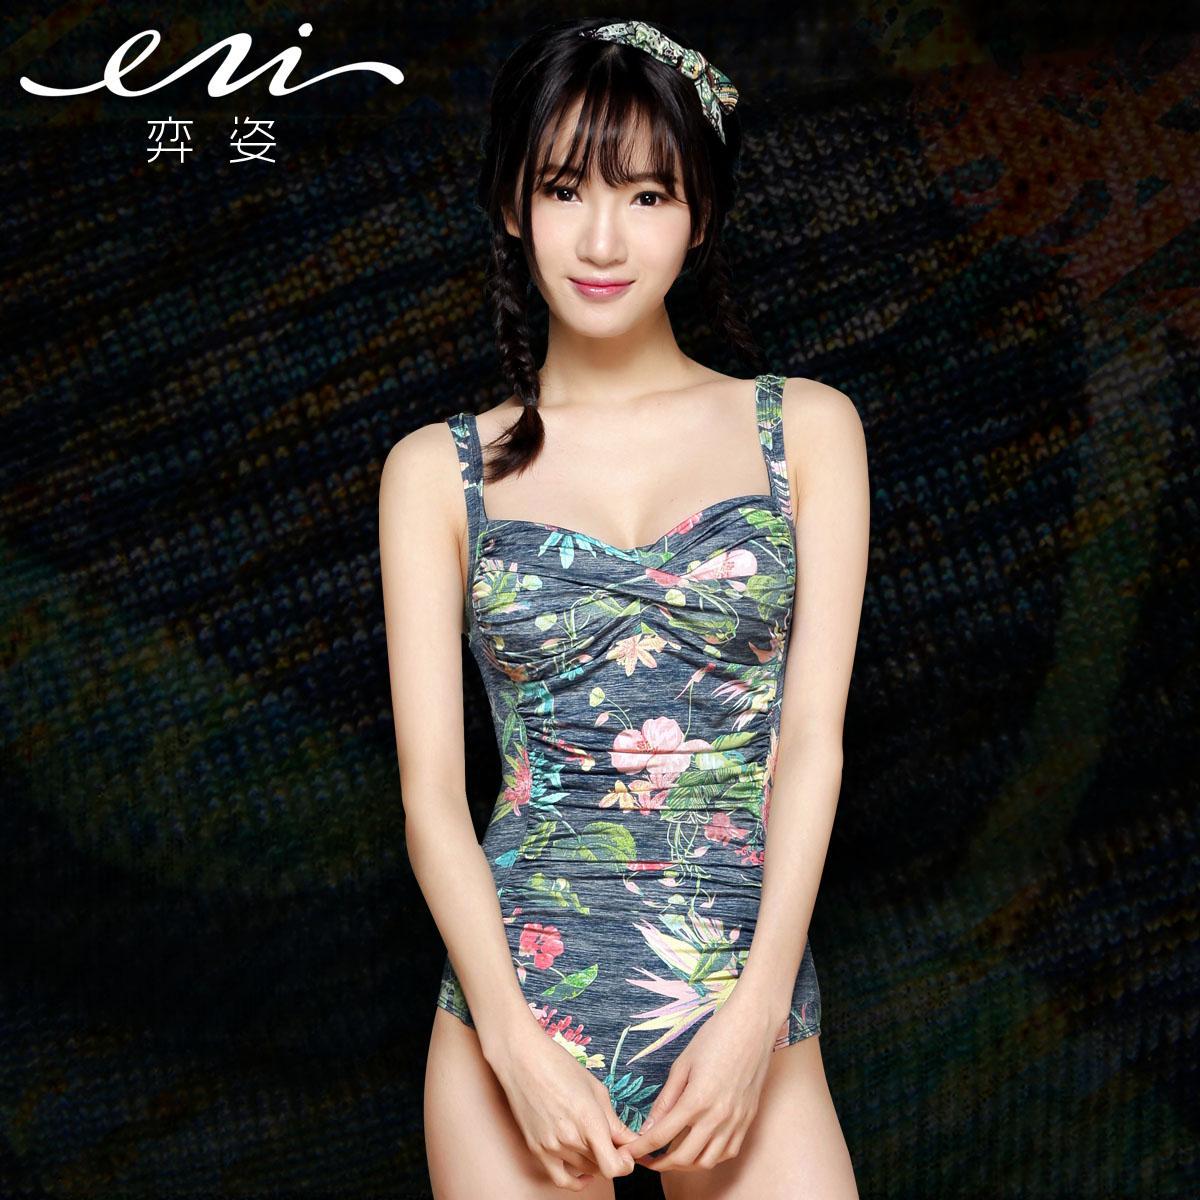 Yi Zi Spa новая Корея маленькие груди держать консервативной сиамской живот slim похудения спа Maillot Ezi1270